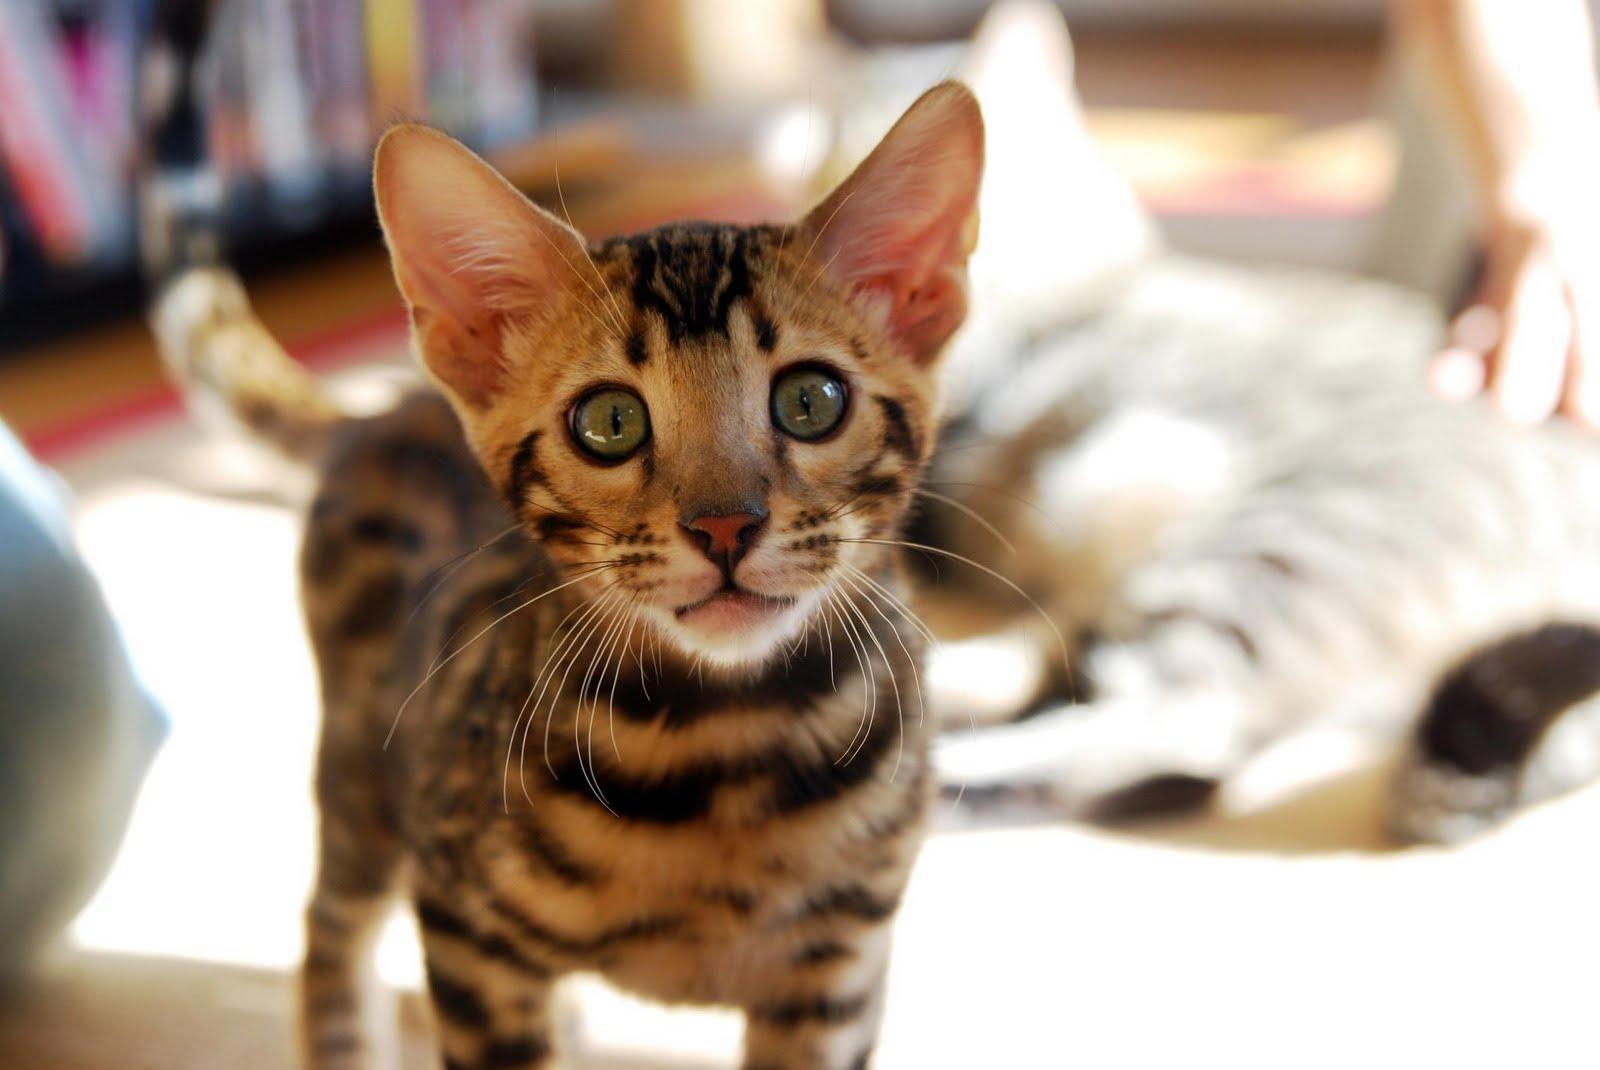 Фишка дня - гифки с котами и не только Fishka